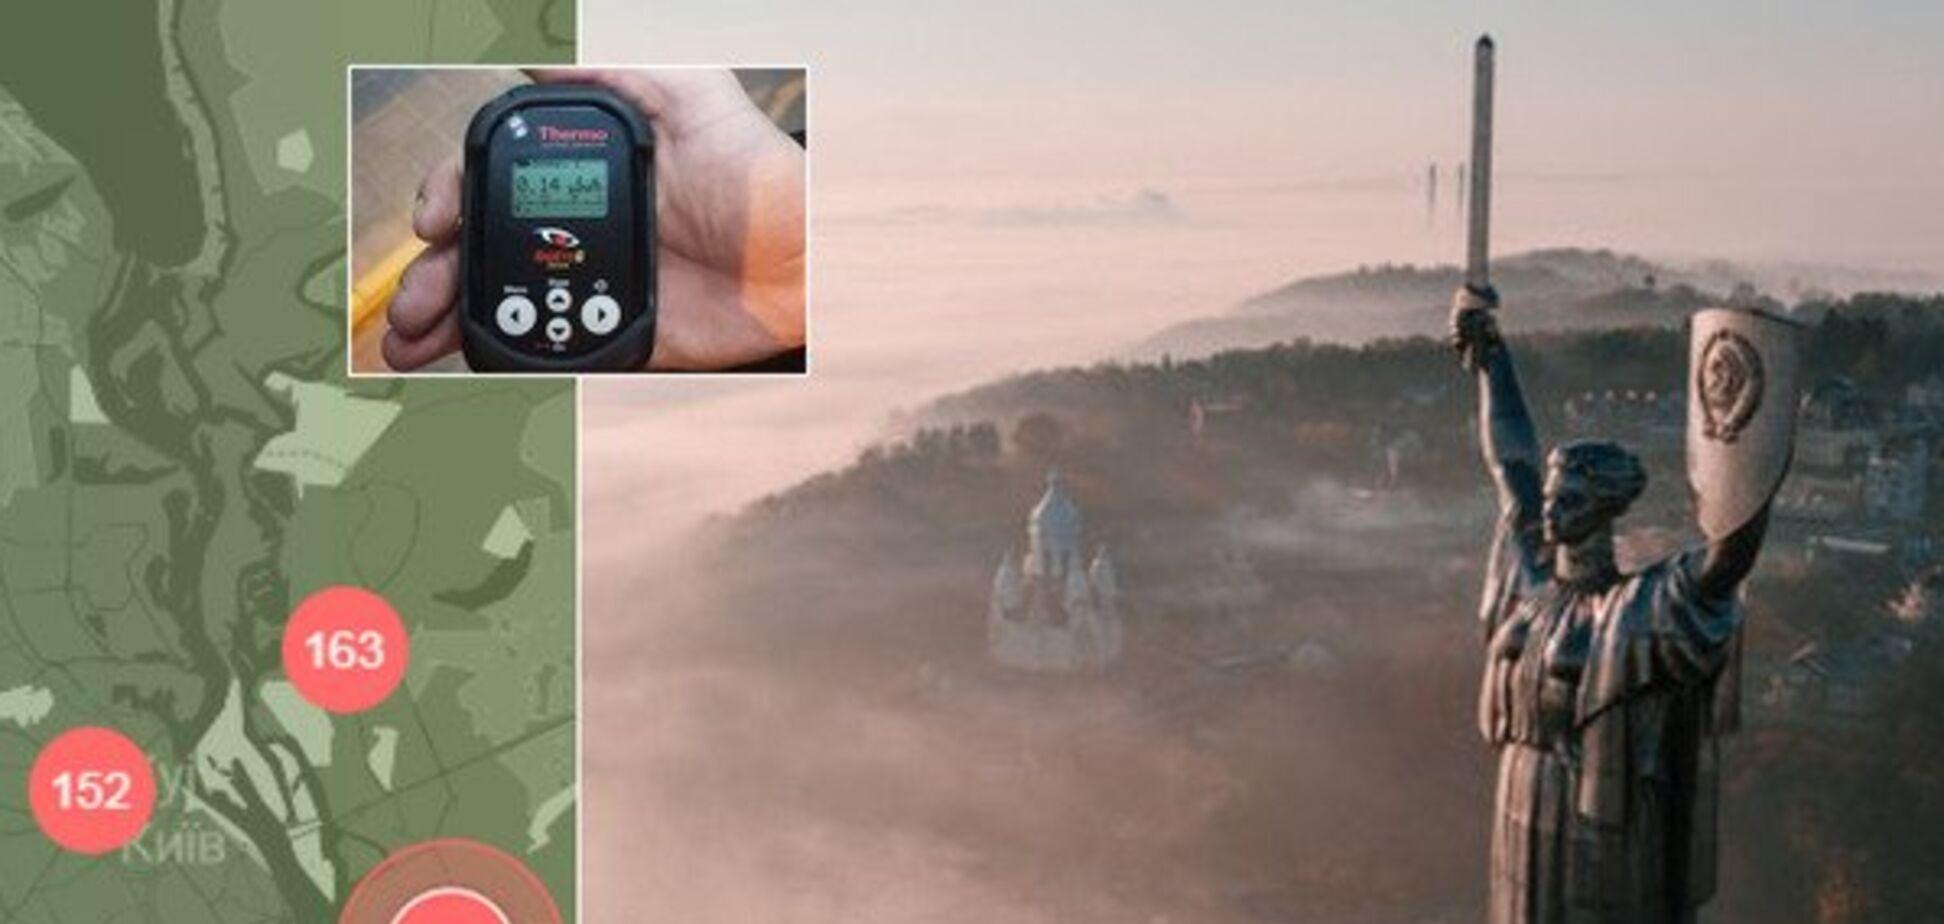 Киев окутали жуткие облака дыма и пыли: названы следующие области-'жертвы'